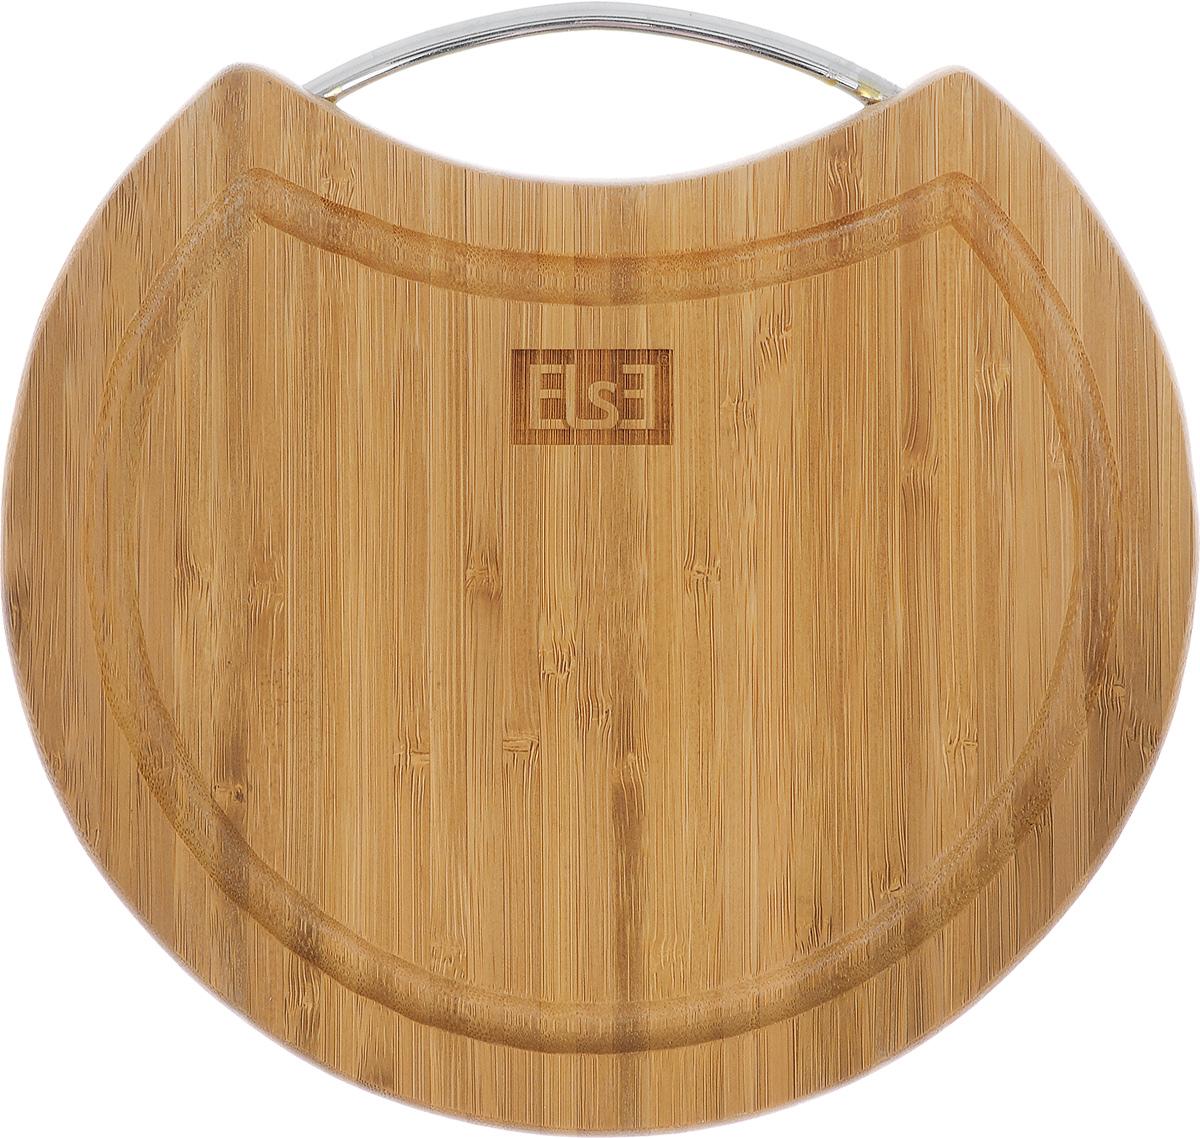 Доска разделочная Else Radich, с ручкой, диаметр 25 см62115RДоска разделочная Else Radich изготовлена из бамбука. Доска снабжена металлической ручкой и желобком по краю для стока жидкости. Функциональная и простая в использовании, разделочная доска Else Radich прекрасно впишется в интерьер любой кухни и прослужит вам долгие годы. Диаметр доски: 25 см. Толщина доски: 1,8 см. Для мытья использовать неабразивные моющие средства.